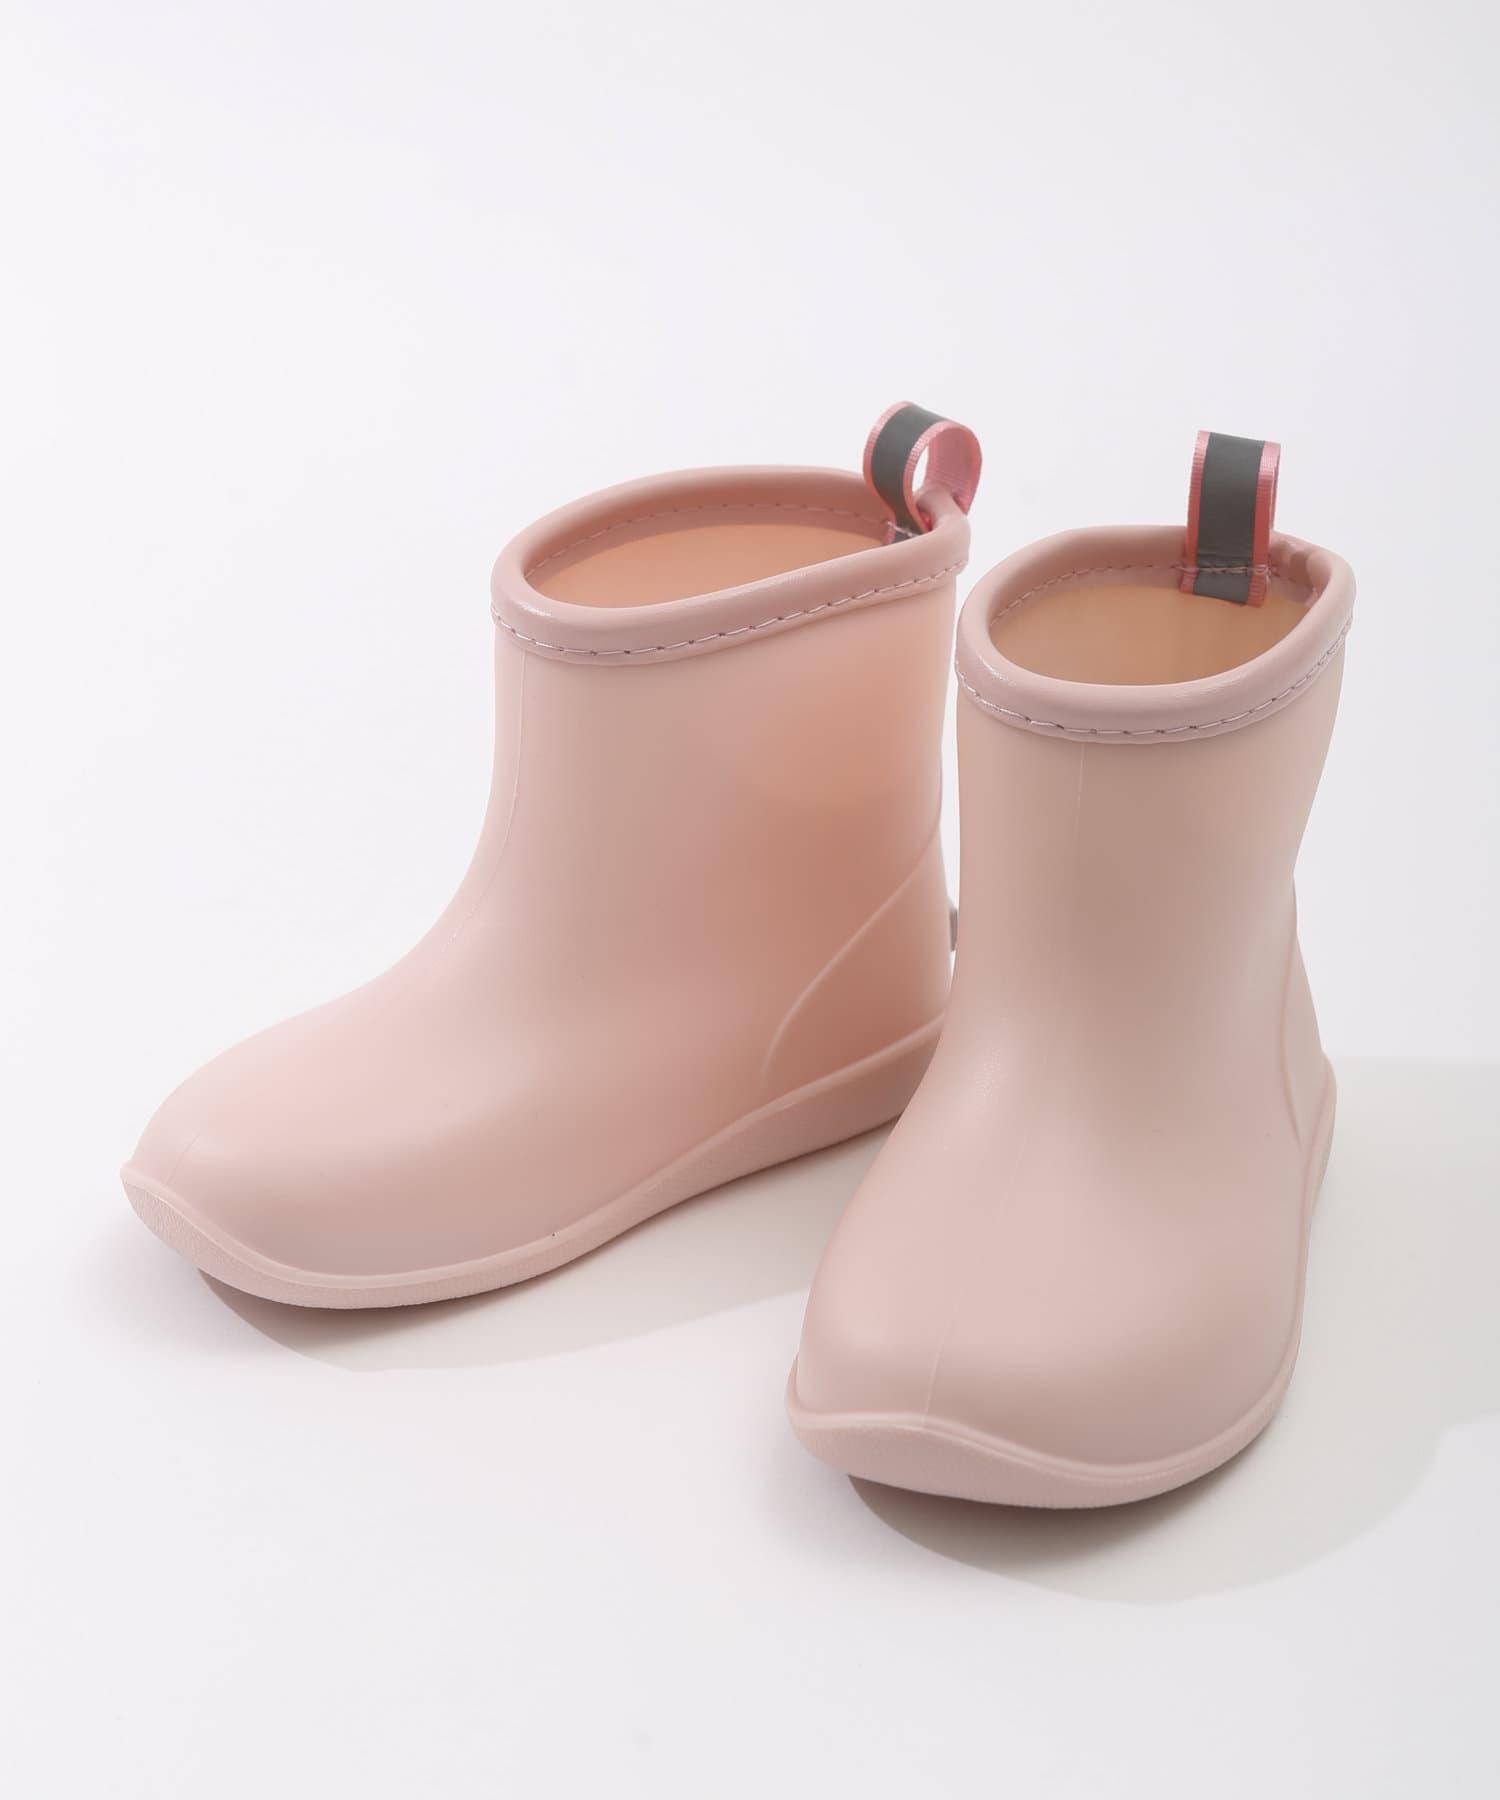 3COINS(スリーコインズ) ライフスタイル 【Enjoy Rainy Days】レインブーツ:16cm ピンク